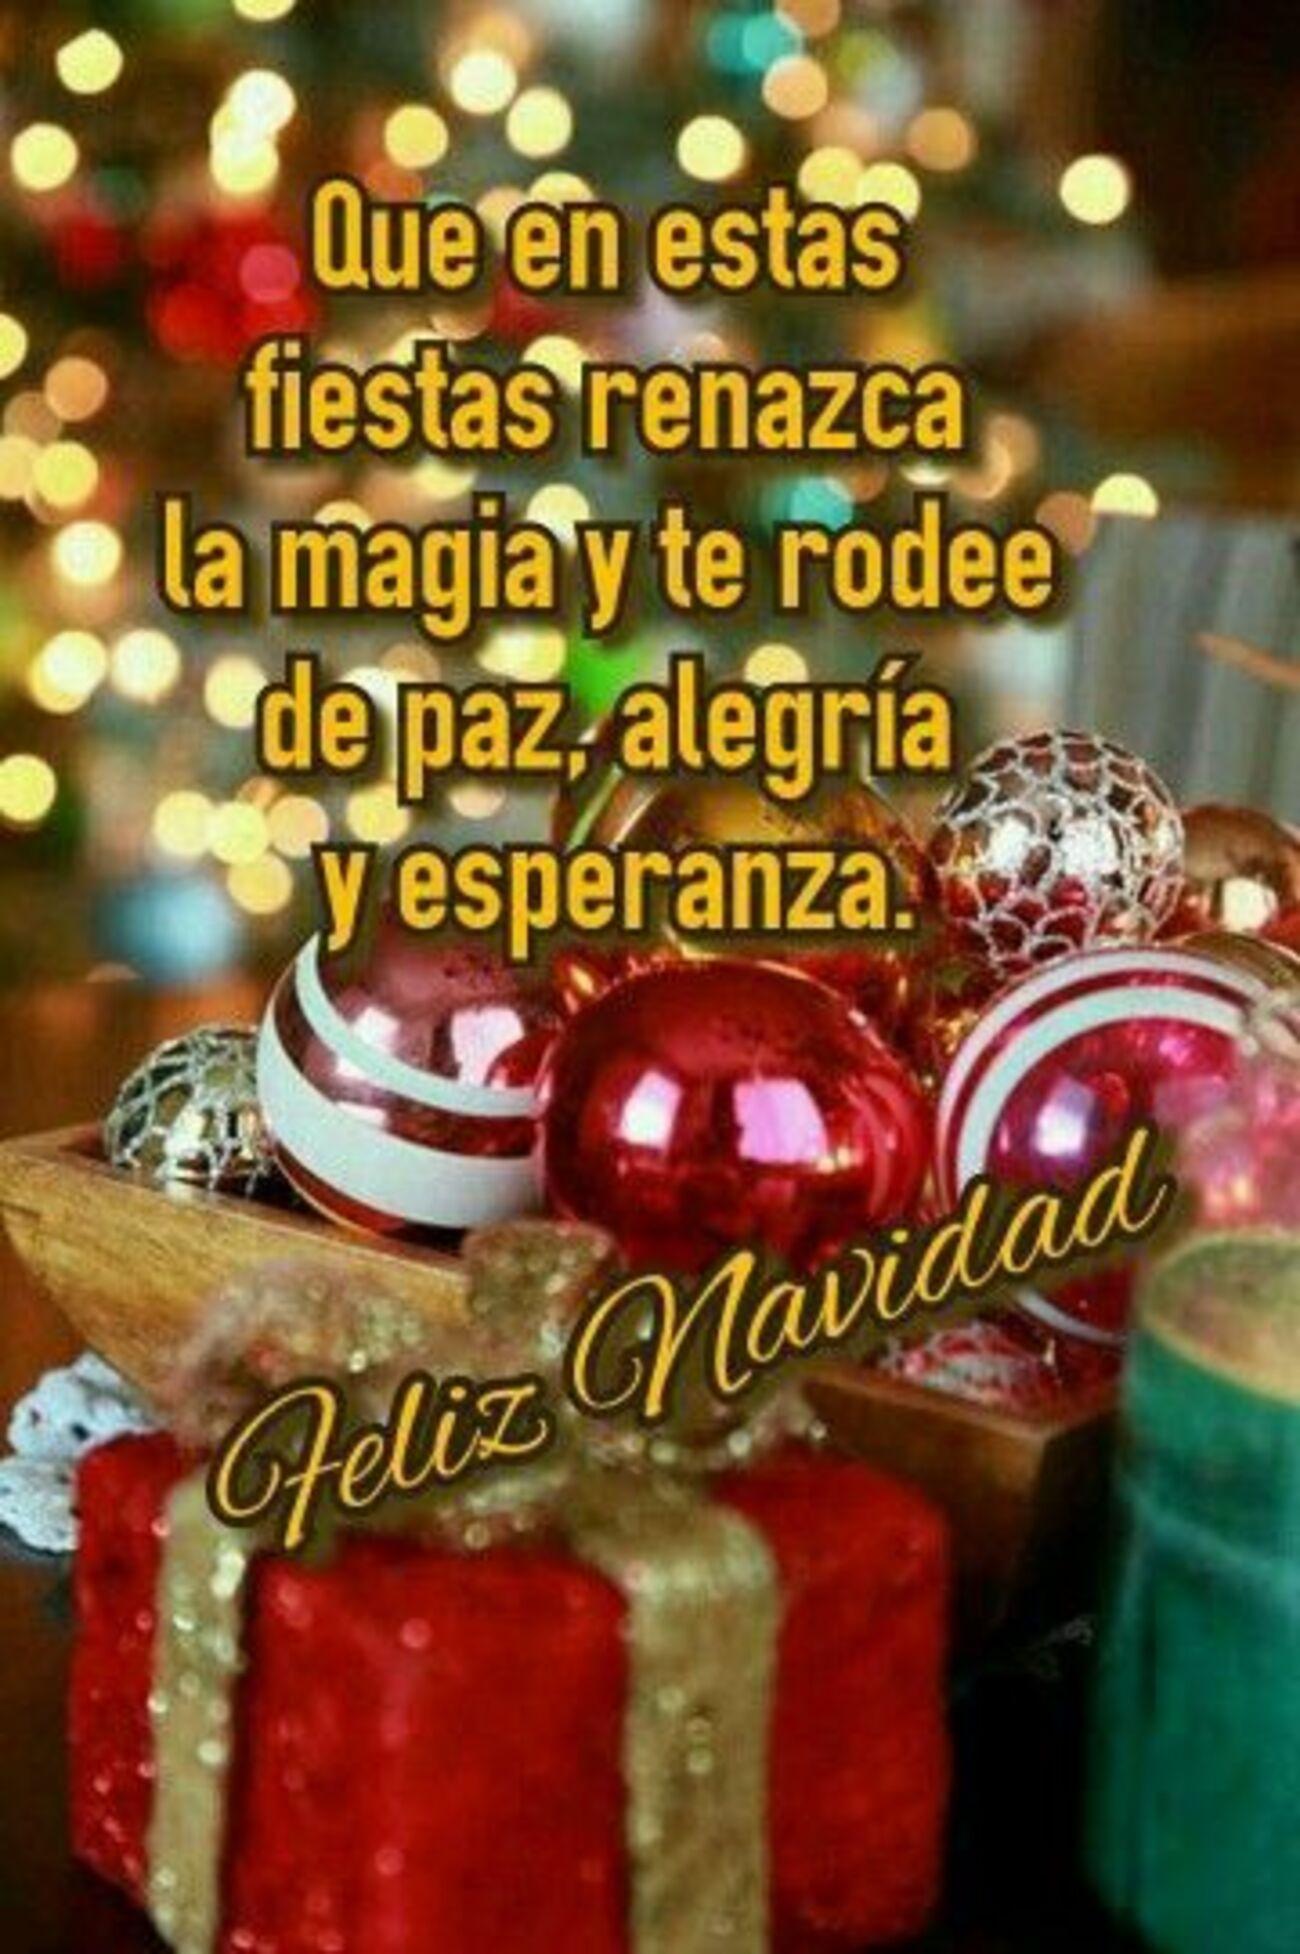 Que en estas fiestas renazca la magia y te rodee de paz, alegría y esperanza. Feliz Navidad